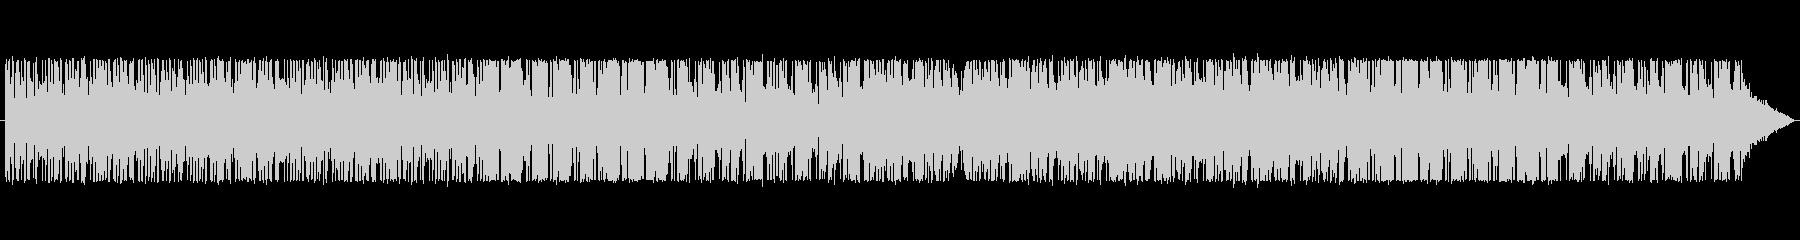 暗く不穏なR&B風BGMの未再生の波形